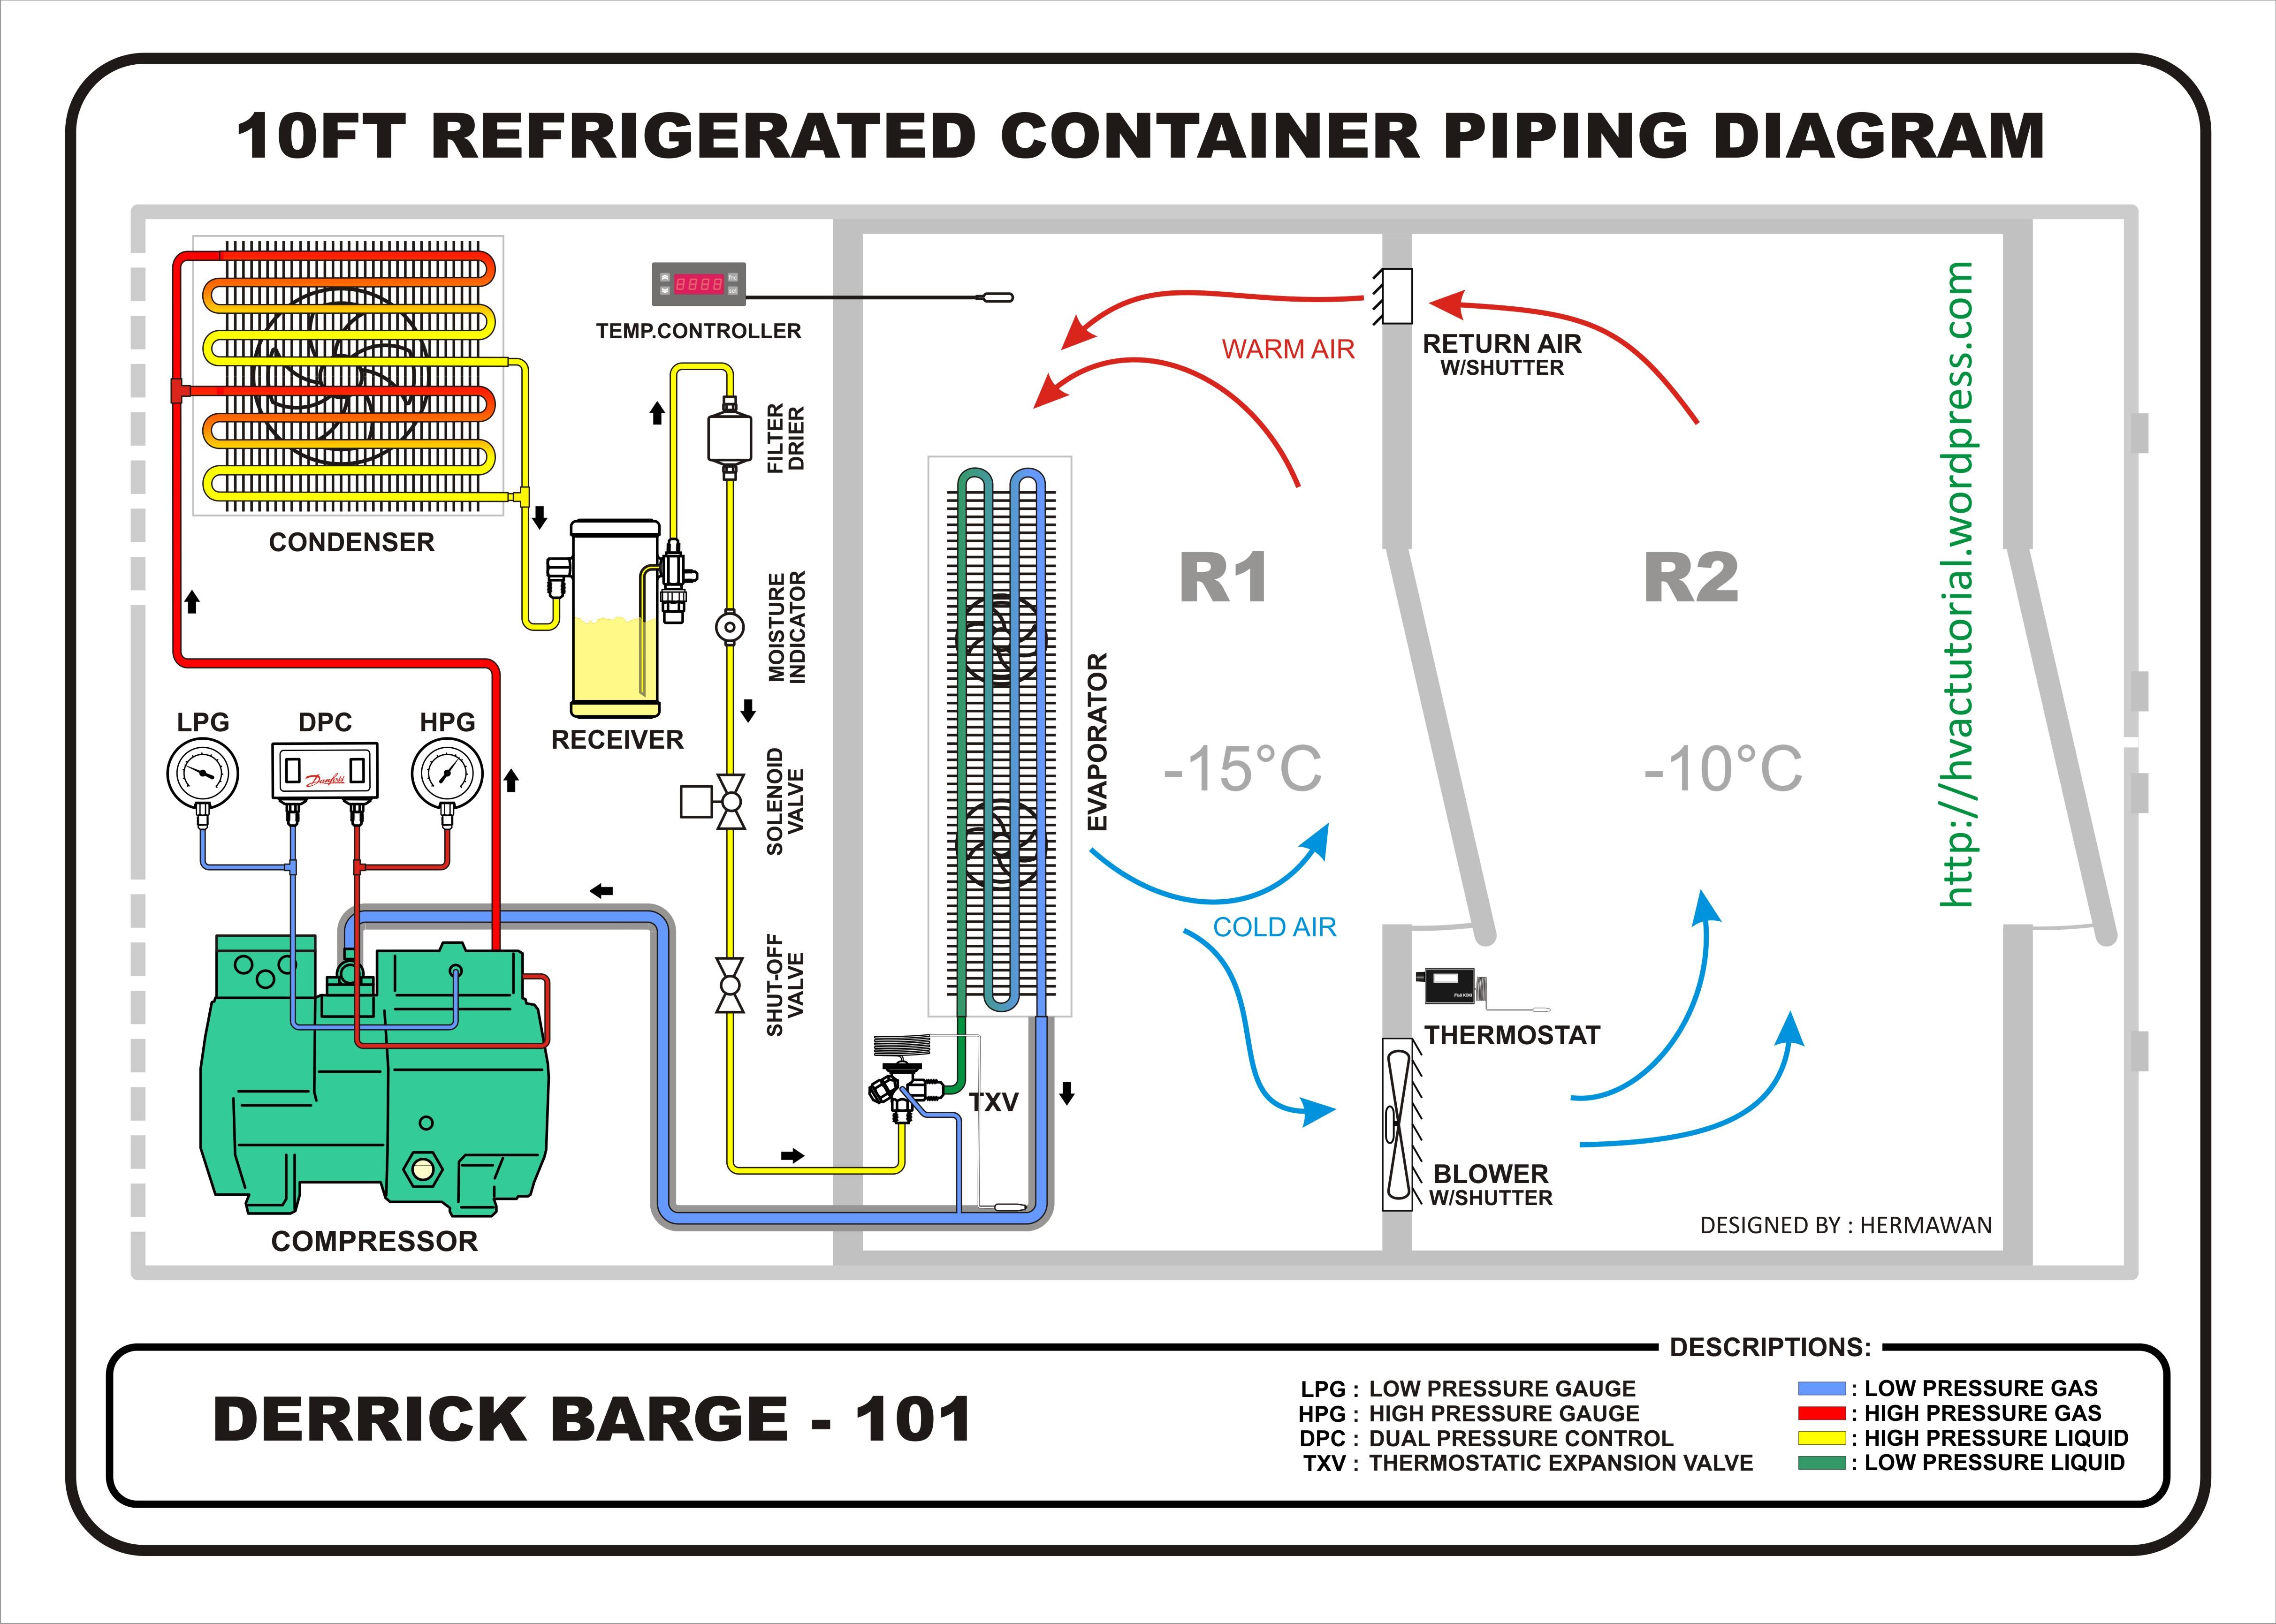 Wiring diagram kompresor ac split free download wiring diagram free download wiring diagram refrigerated container hermawans blog refrigeration and air of wiring diagram kompresor asfbconference2016 Choice Image